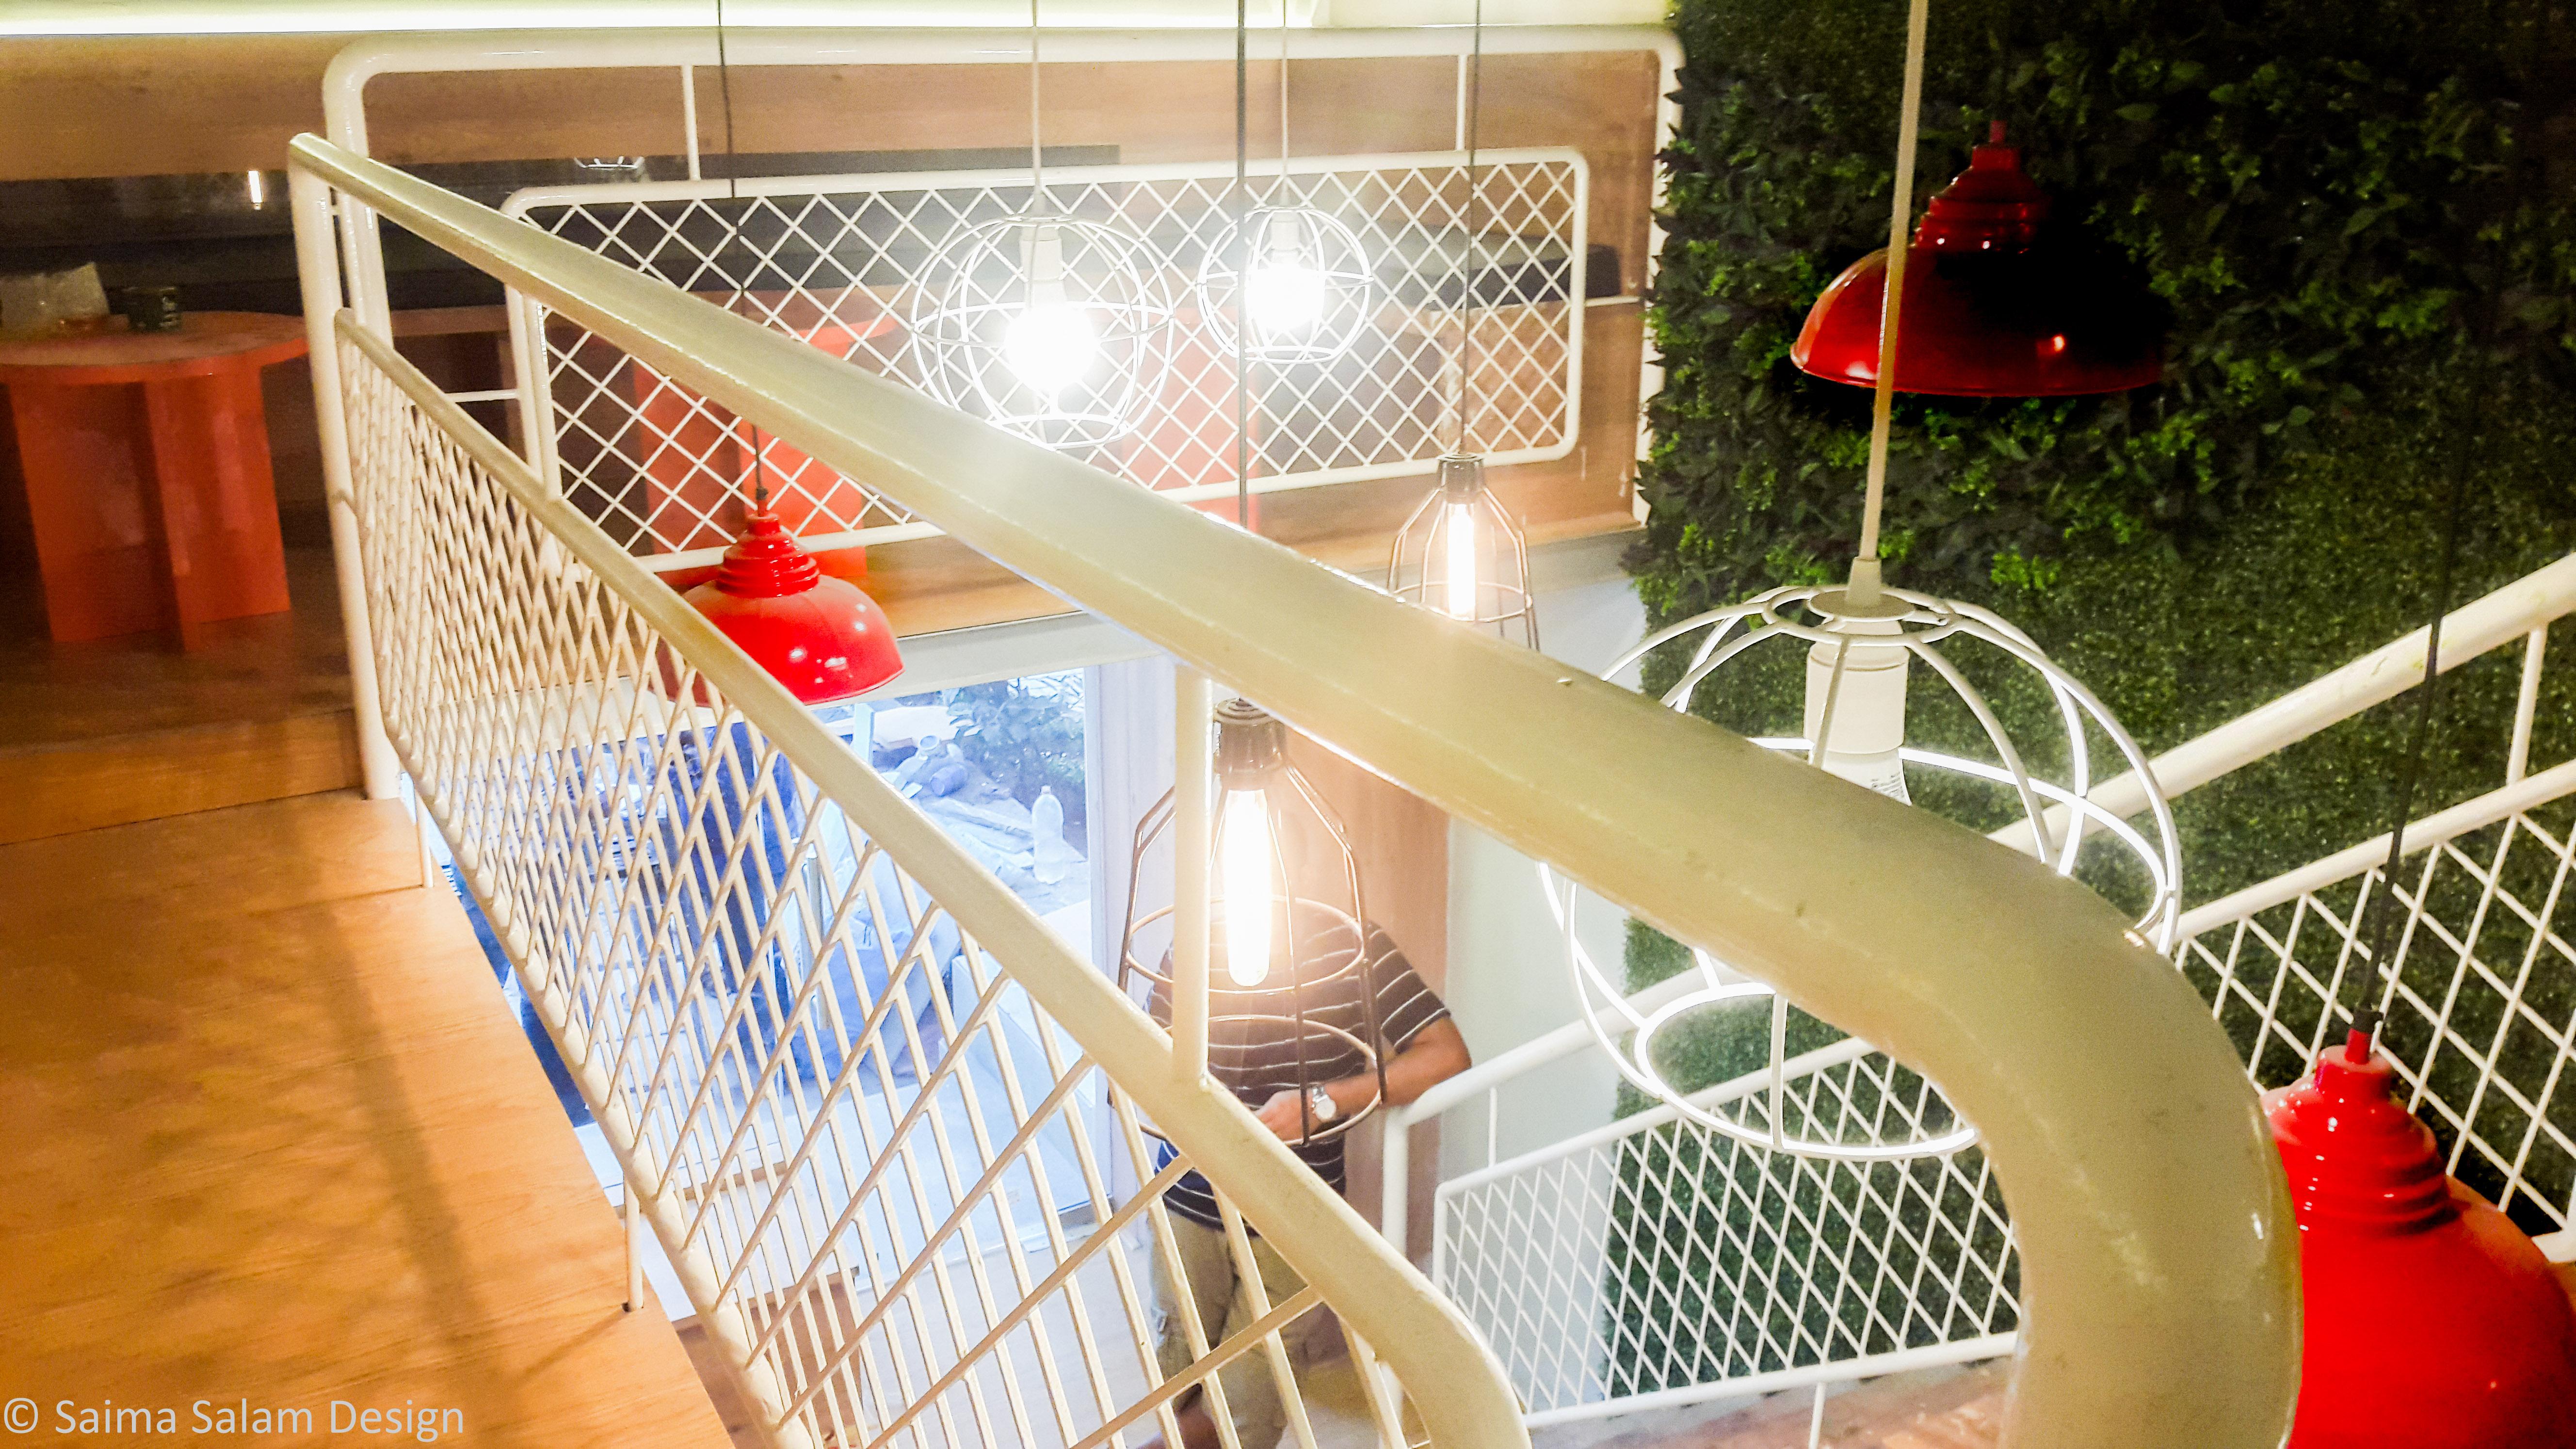 Bridge connecting both Mezzanine